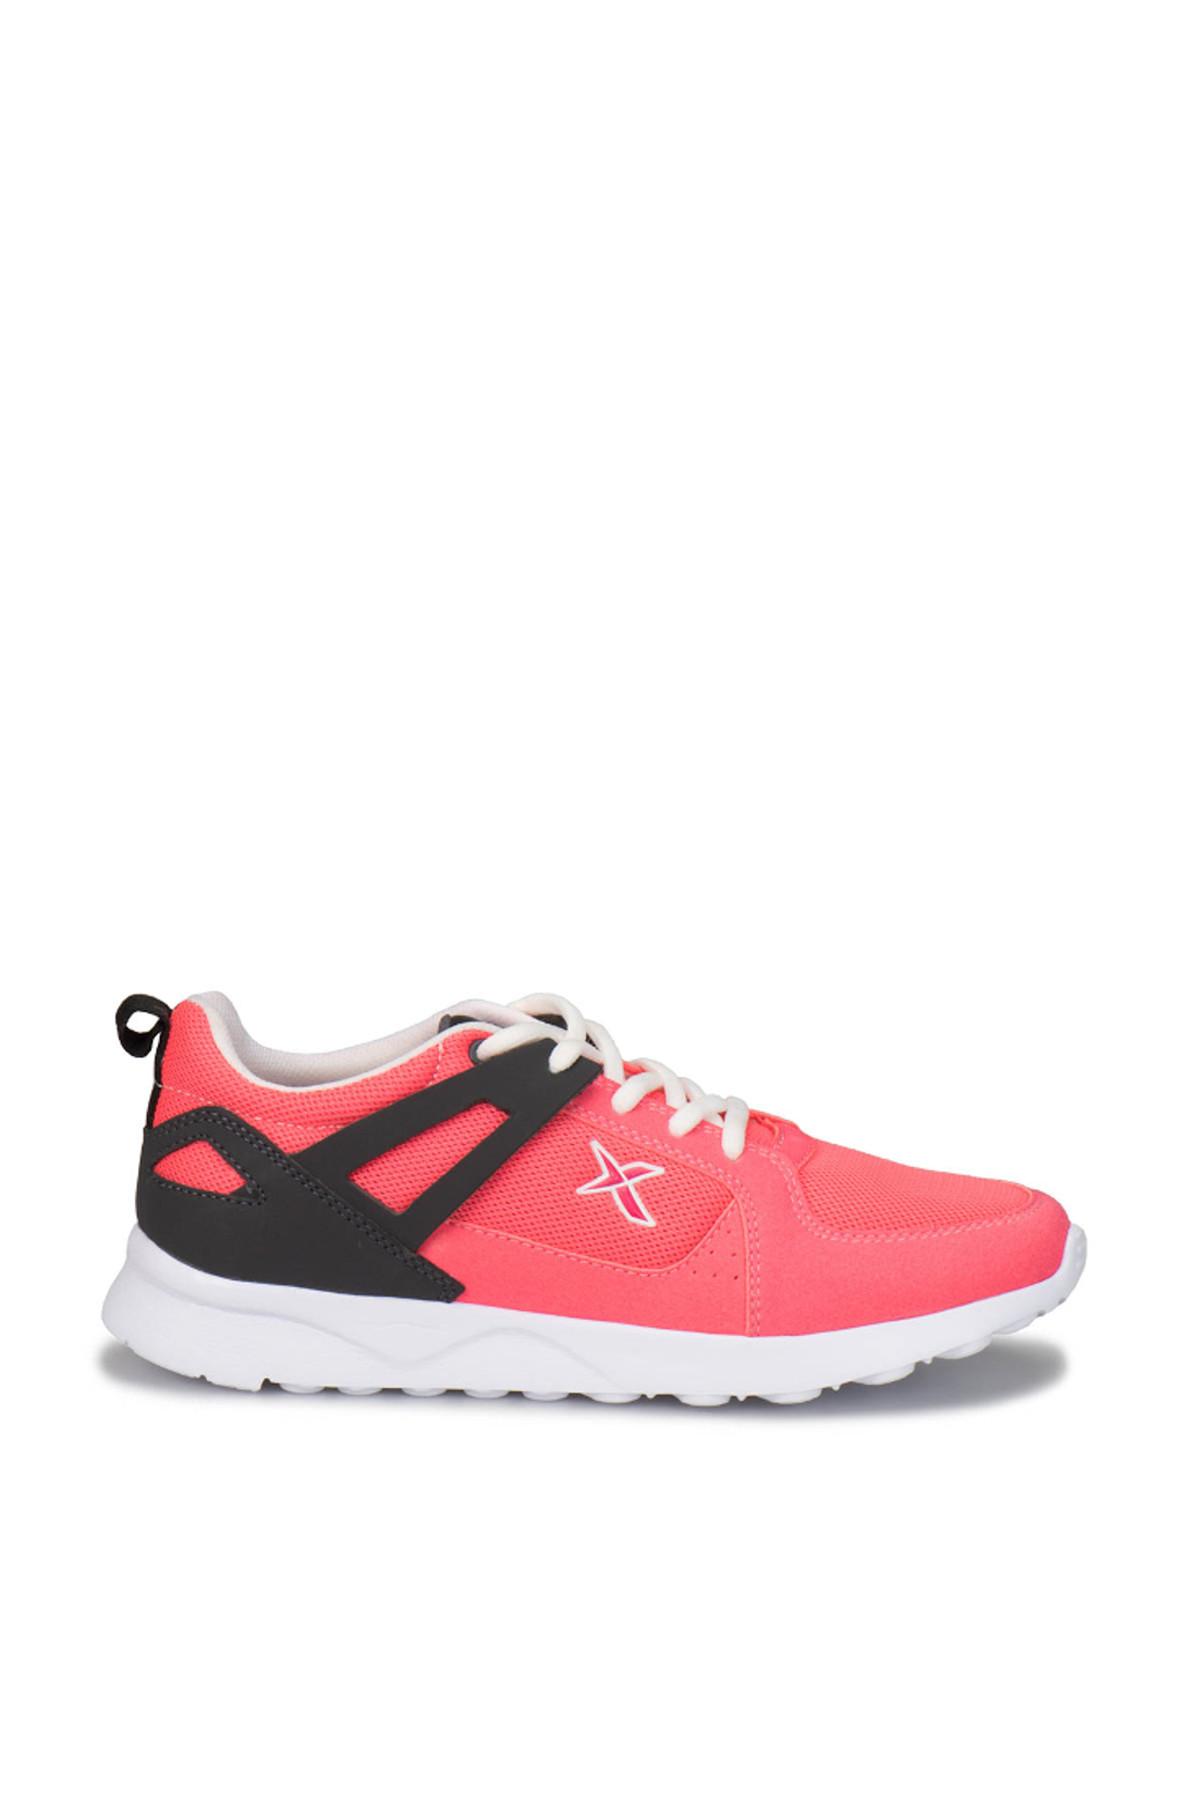 Kinetix VINO Neon Pembe Koyu Gri Kadın Sneaker 100243331 2